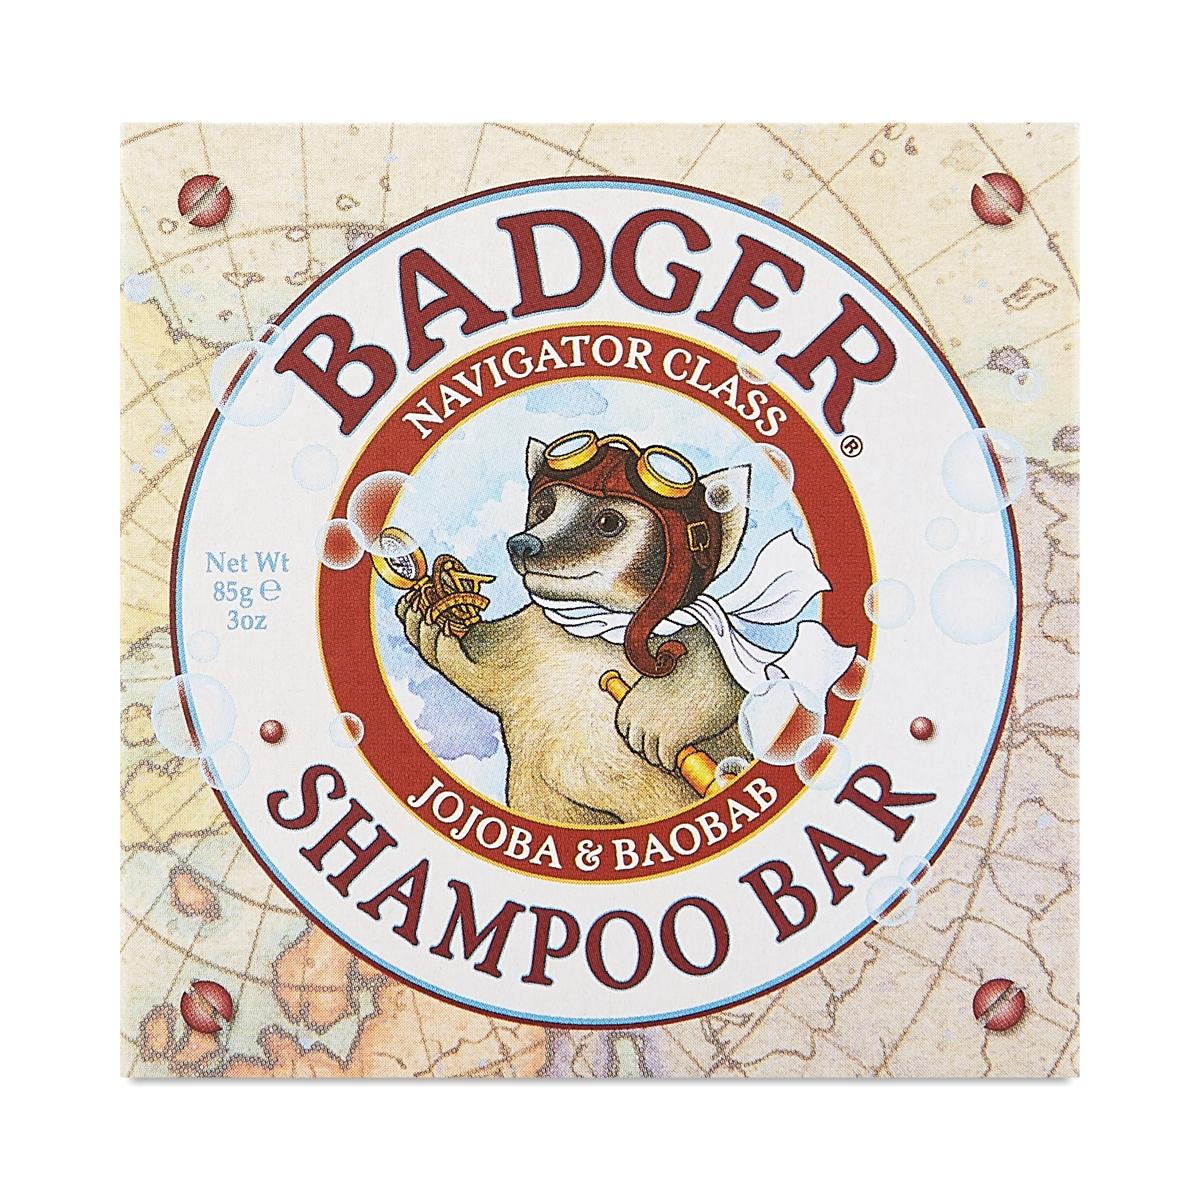 Badger Shampoo Bar 3 oz bar